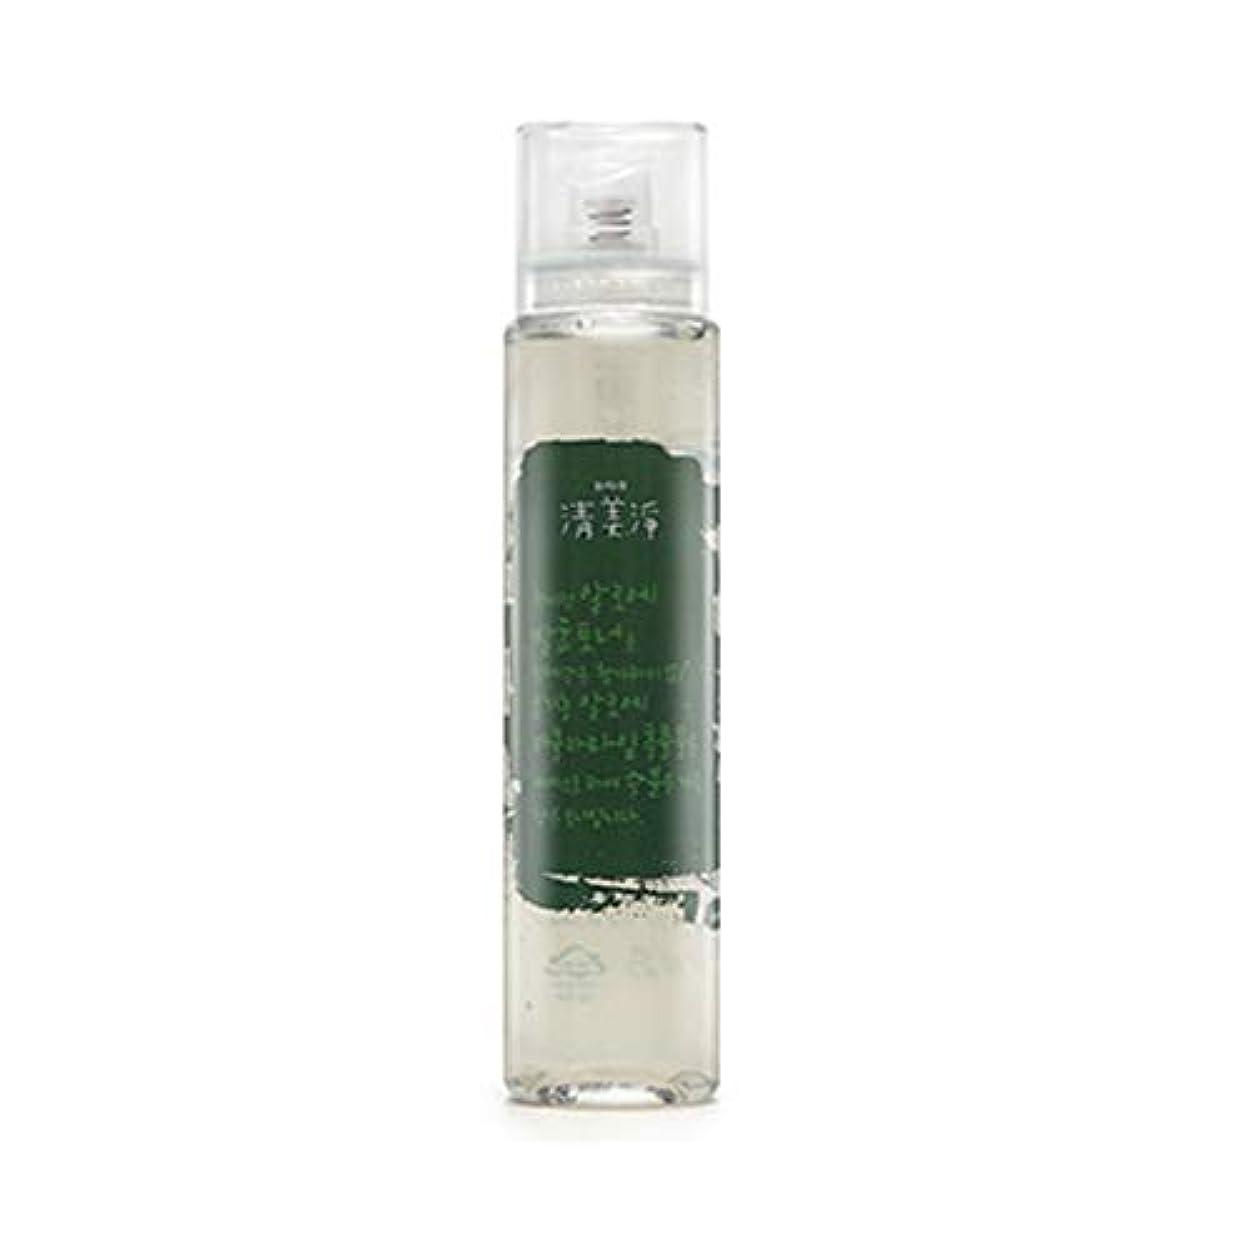 進化する自伝虐待[ChungMiJung] 清美浄(チョンミジョン) アロエ発酵トナー 140ml Aloe Fermentation Toner - 98% Organic Faicial Toner Skin Refresher Korean Skincare